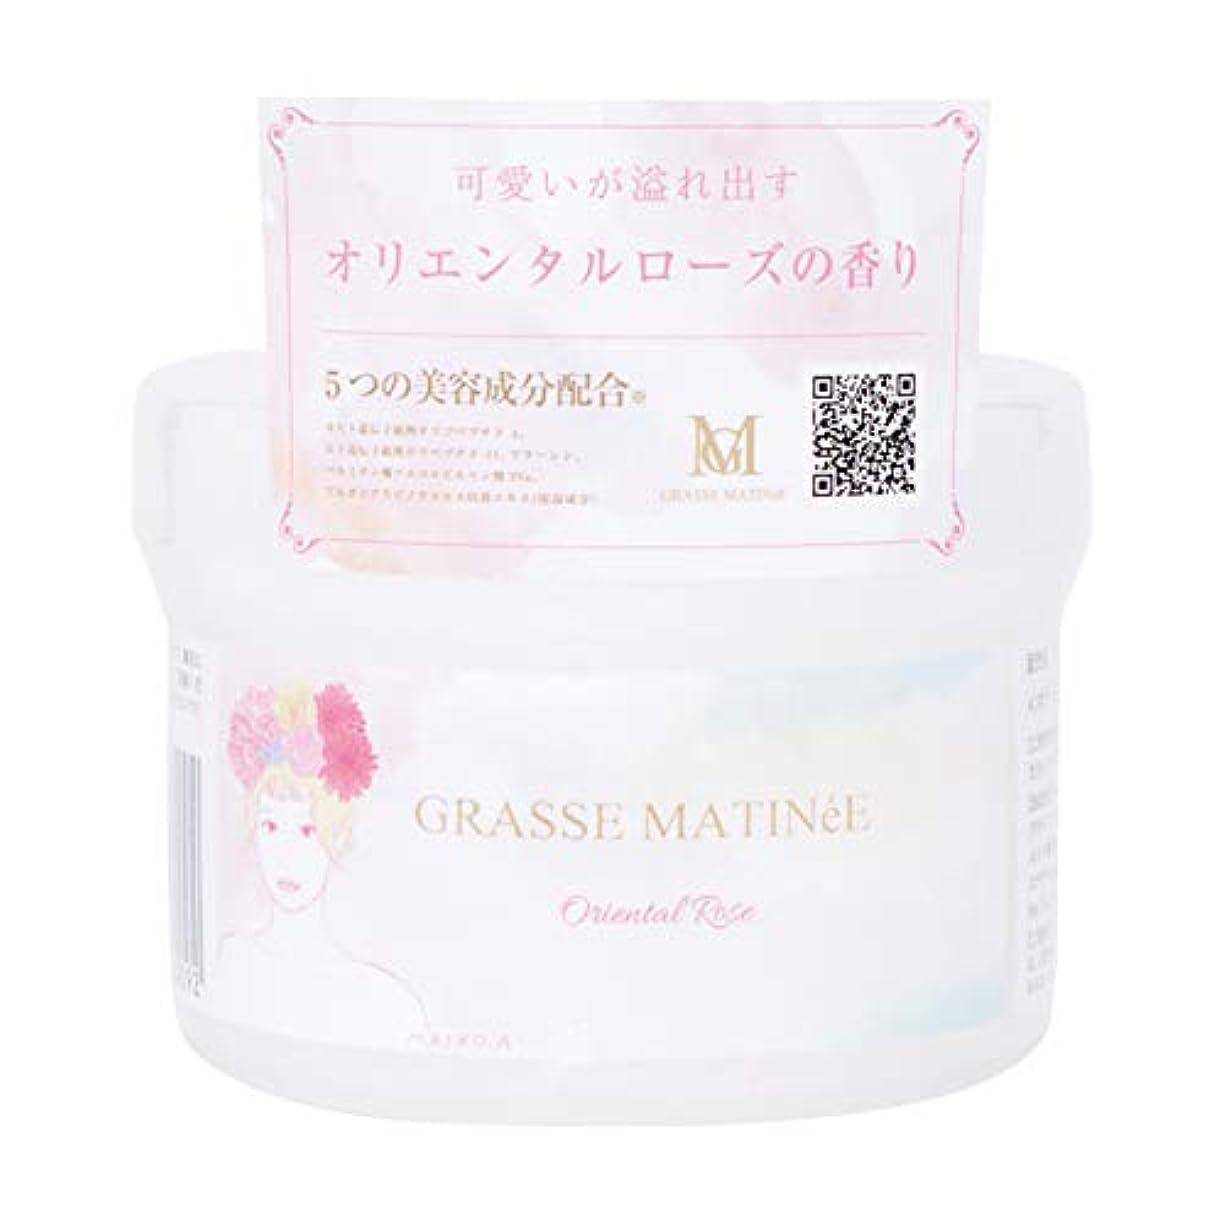 真夜中ブーム洗剤グラスマティネ フレグランス ボディスクラブ オリエンタルローズの香り シュガータイプ